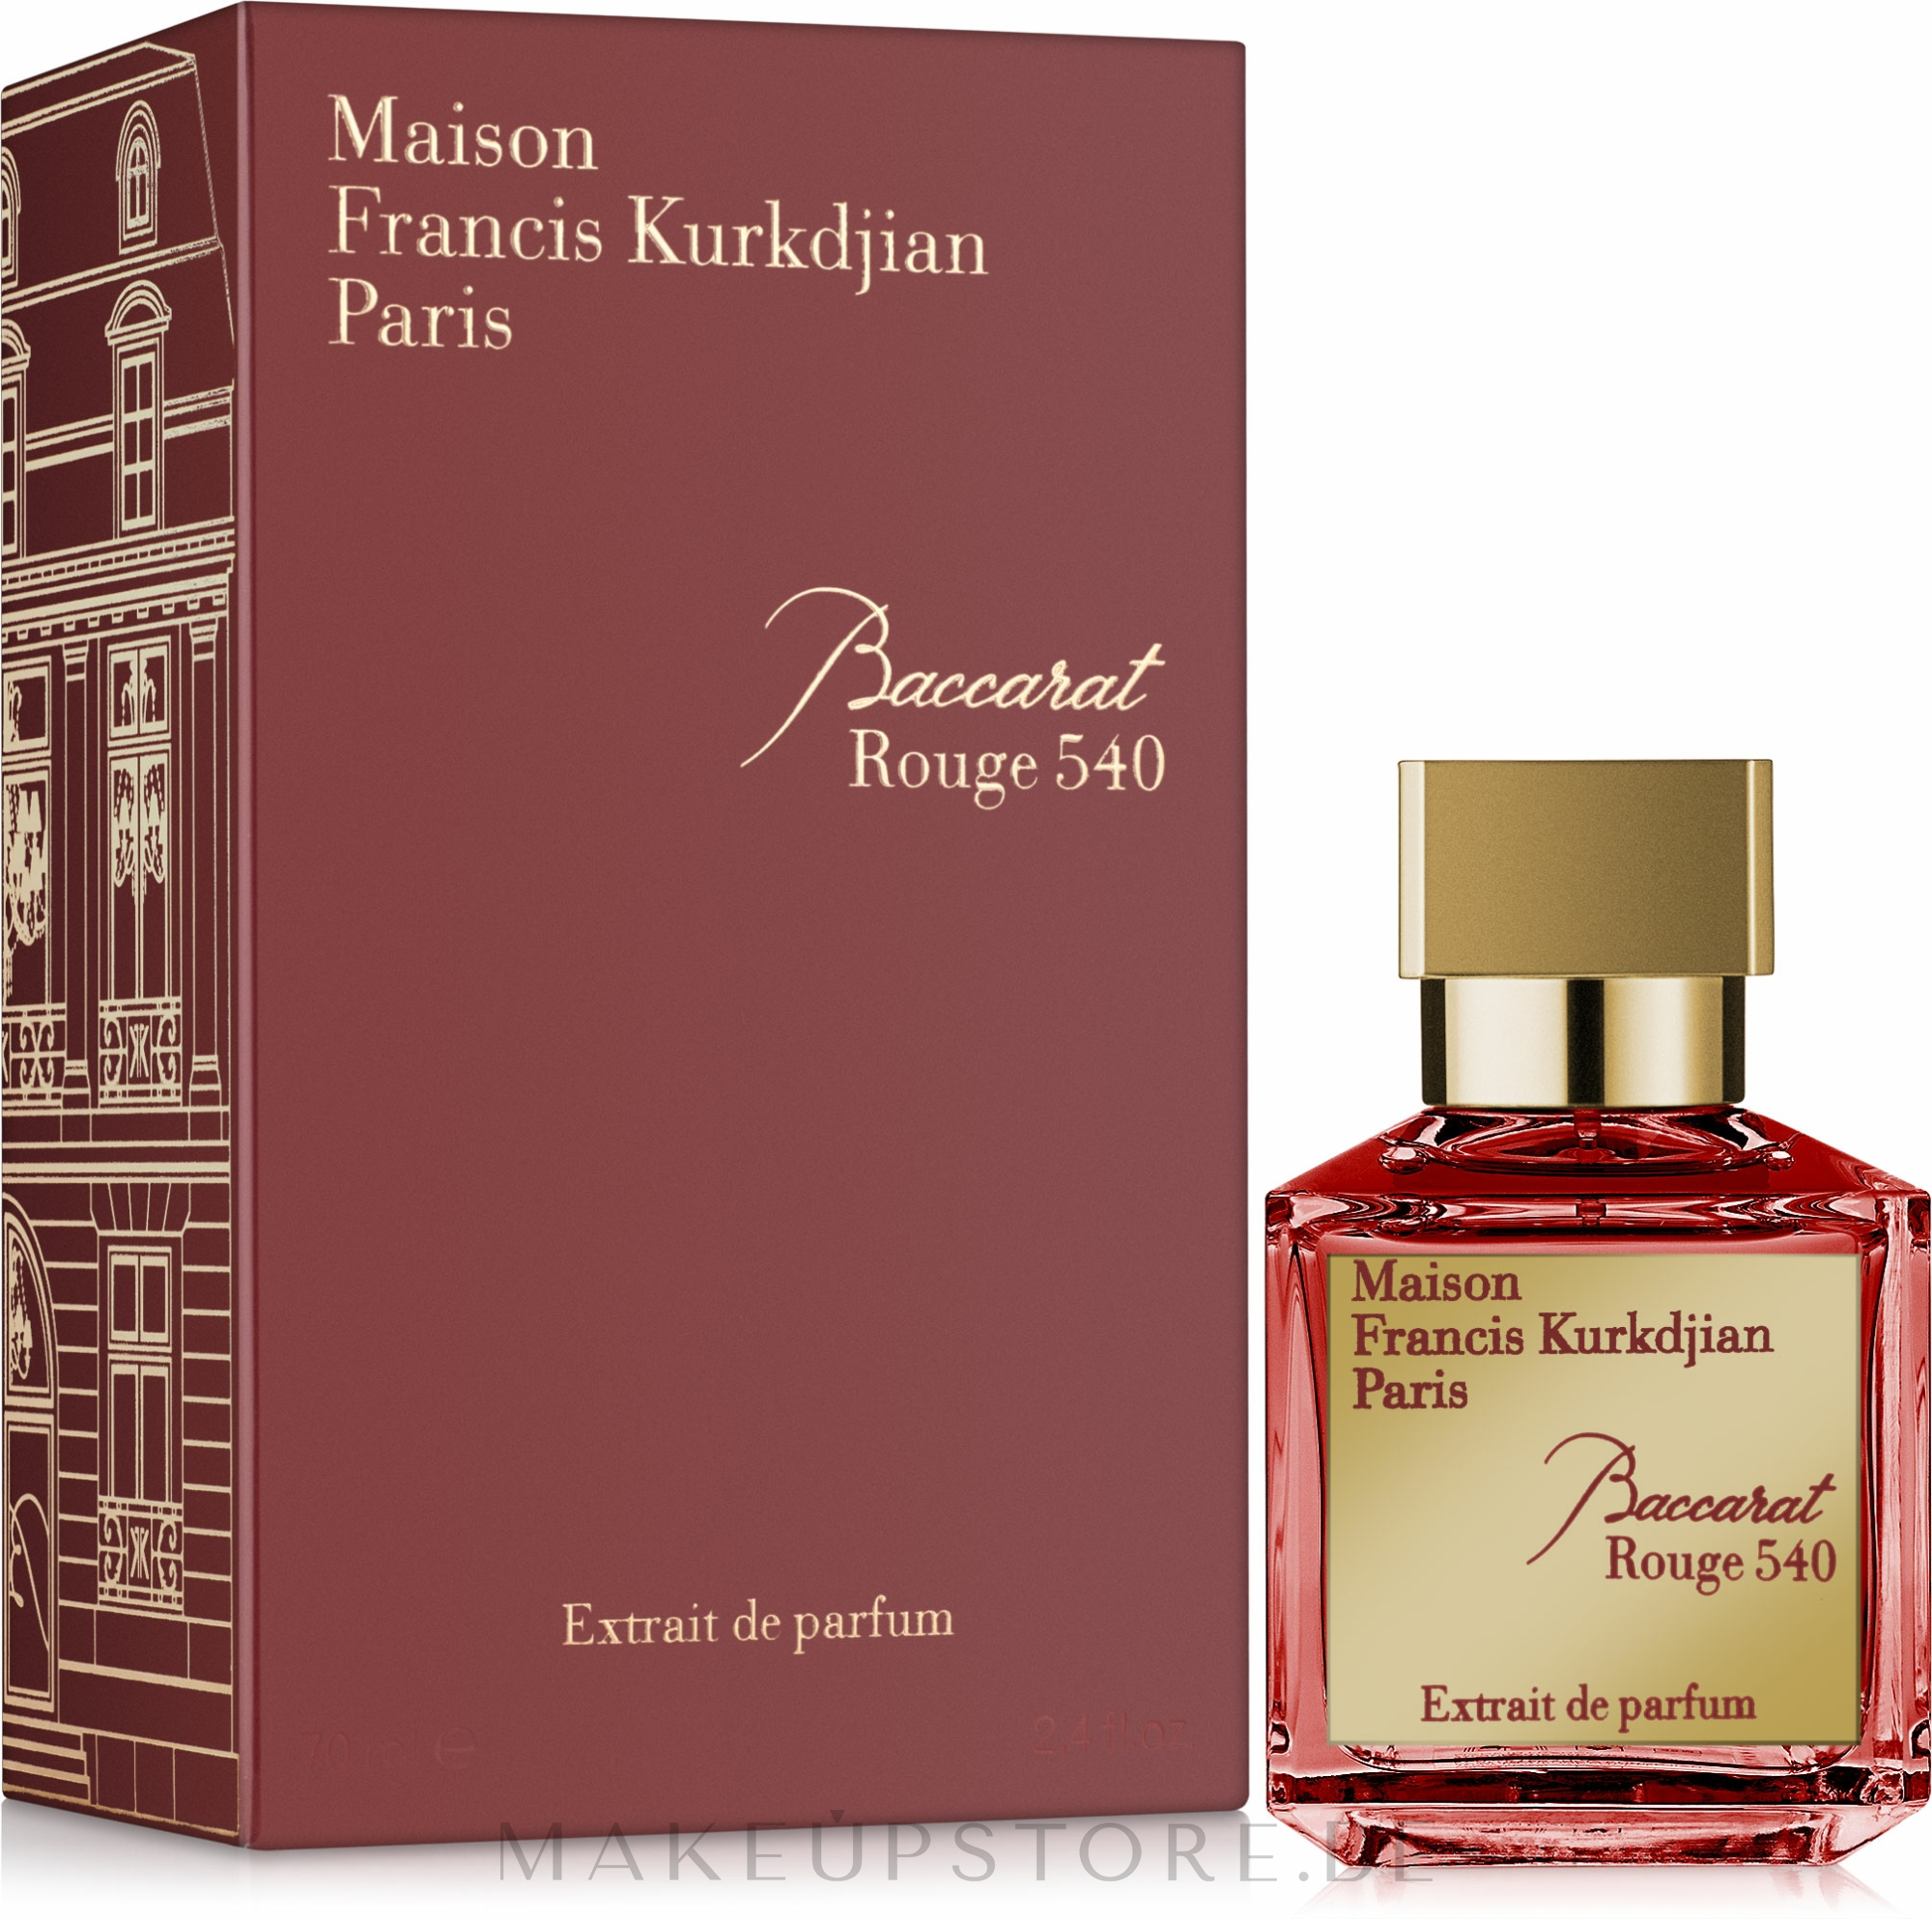 Maison Francis Kurkdjian Baccarat Rouge 20 Extrait de Parfum